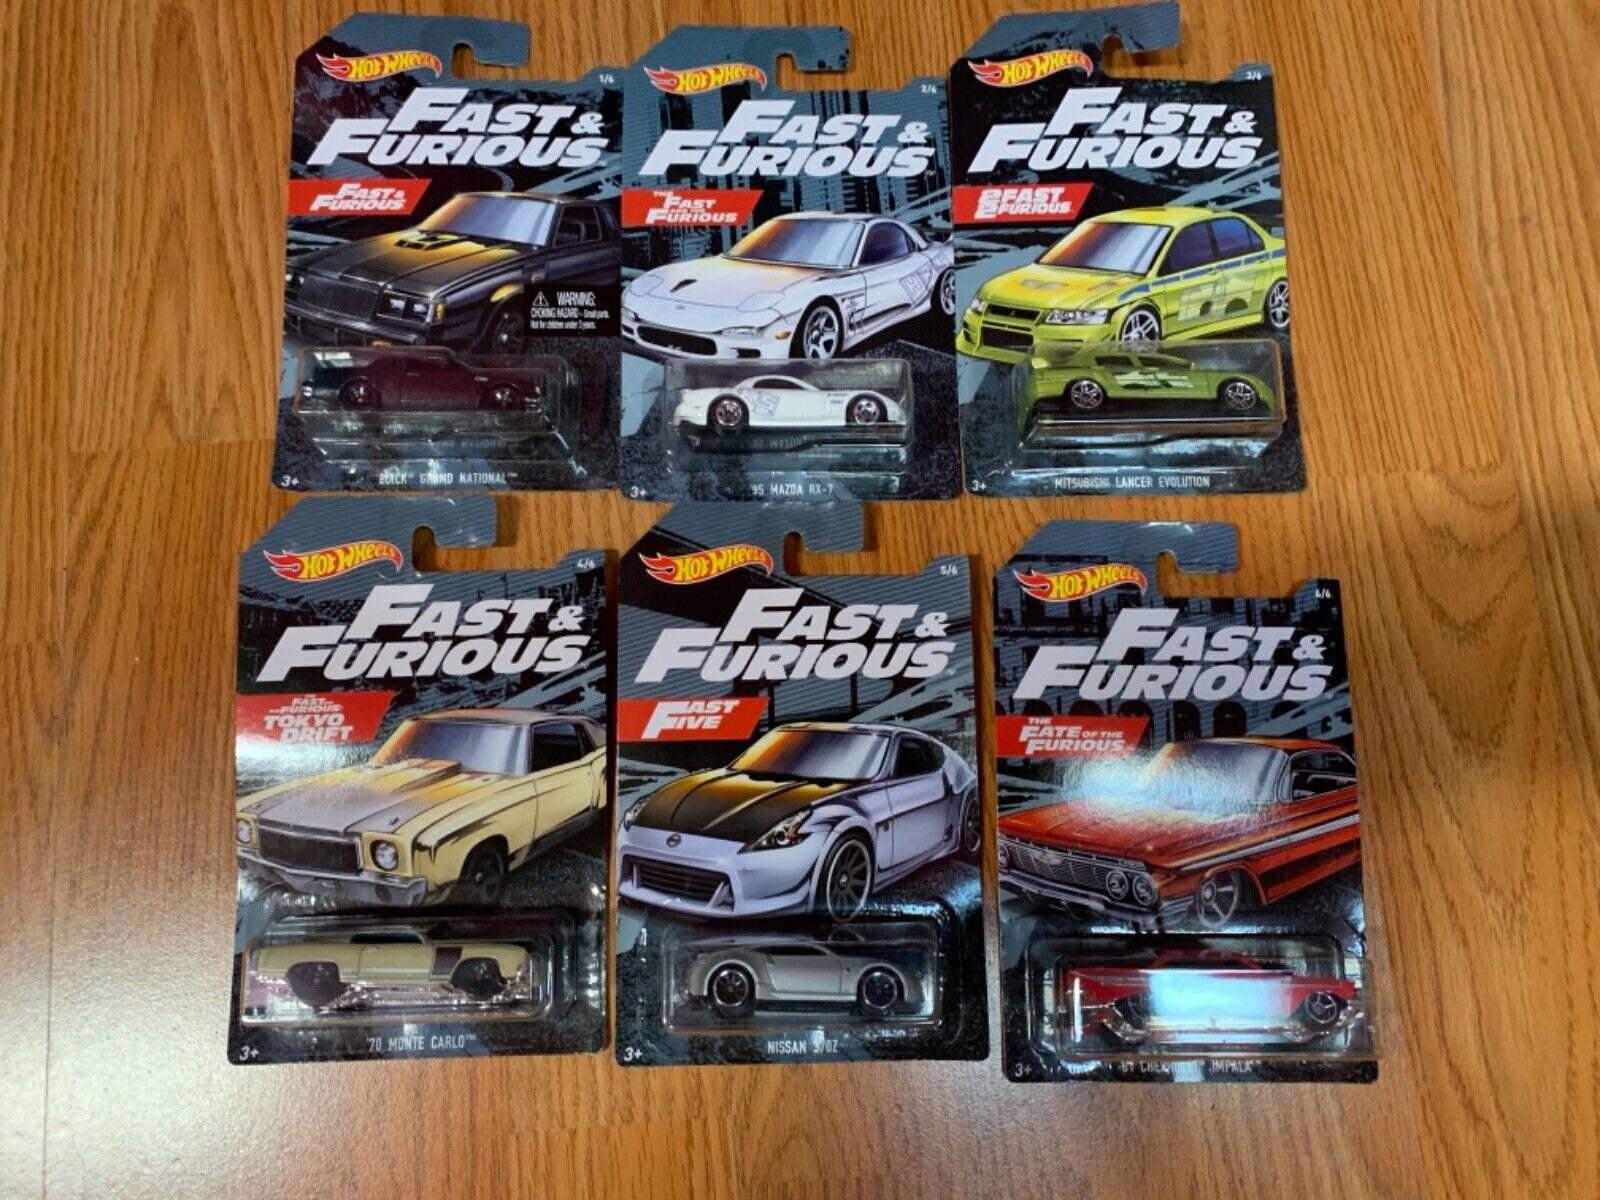 heta hjul Fast and Furious 2019 komplett uppsättning av 6 Walmkonst Exklusiv